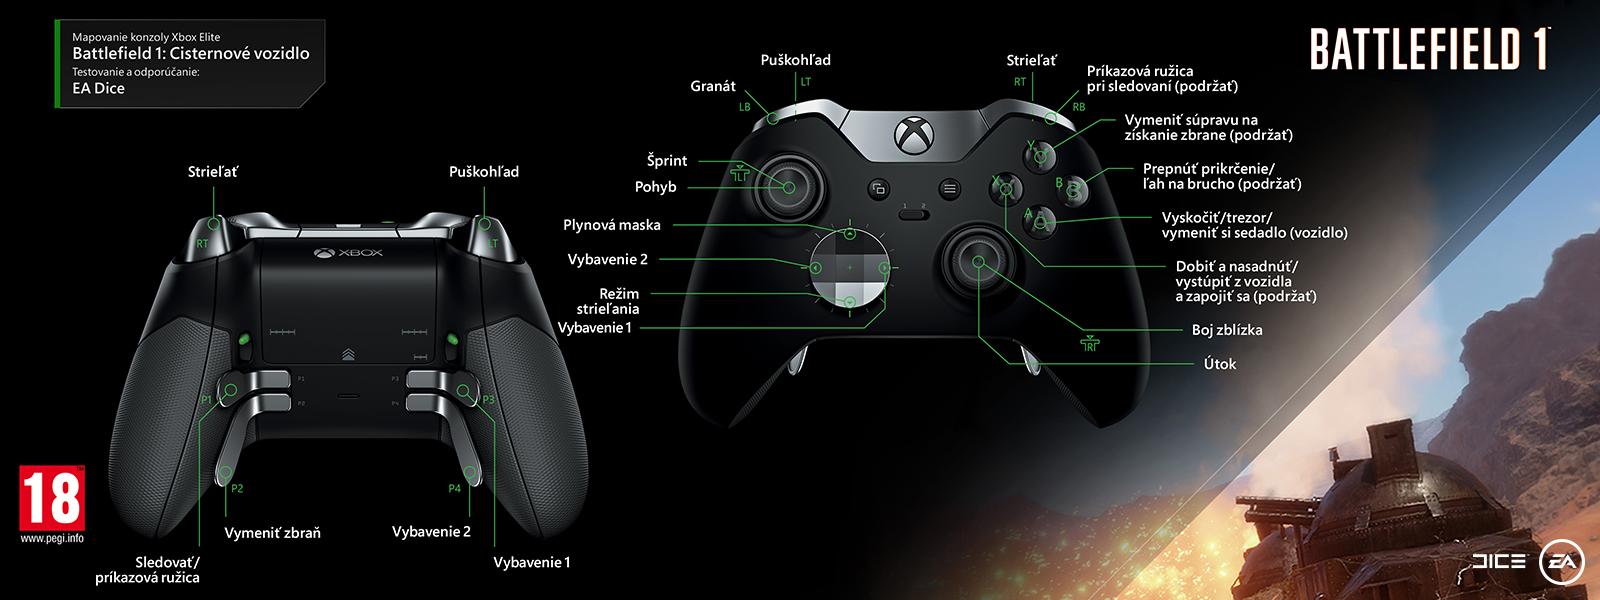 Mapovanie ovládača Elite pre tanky v hre Battlefield 1